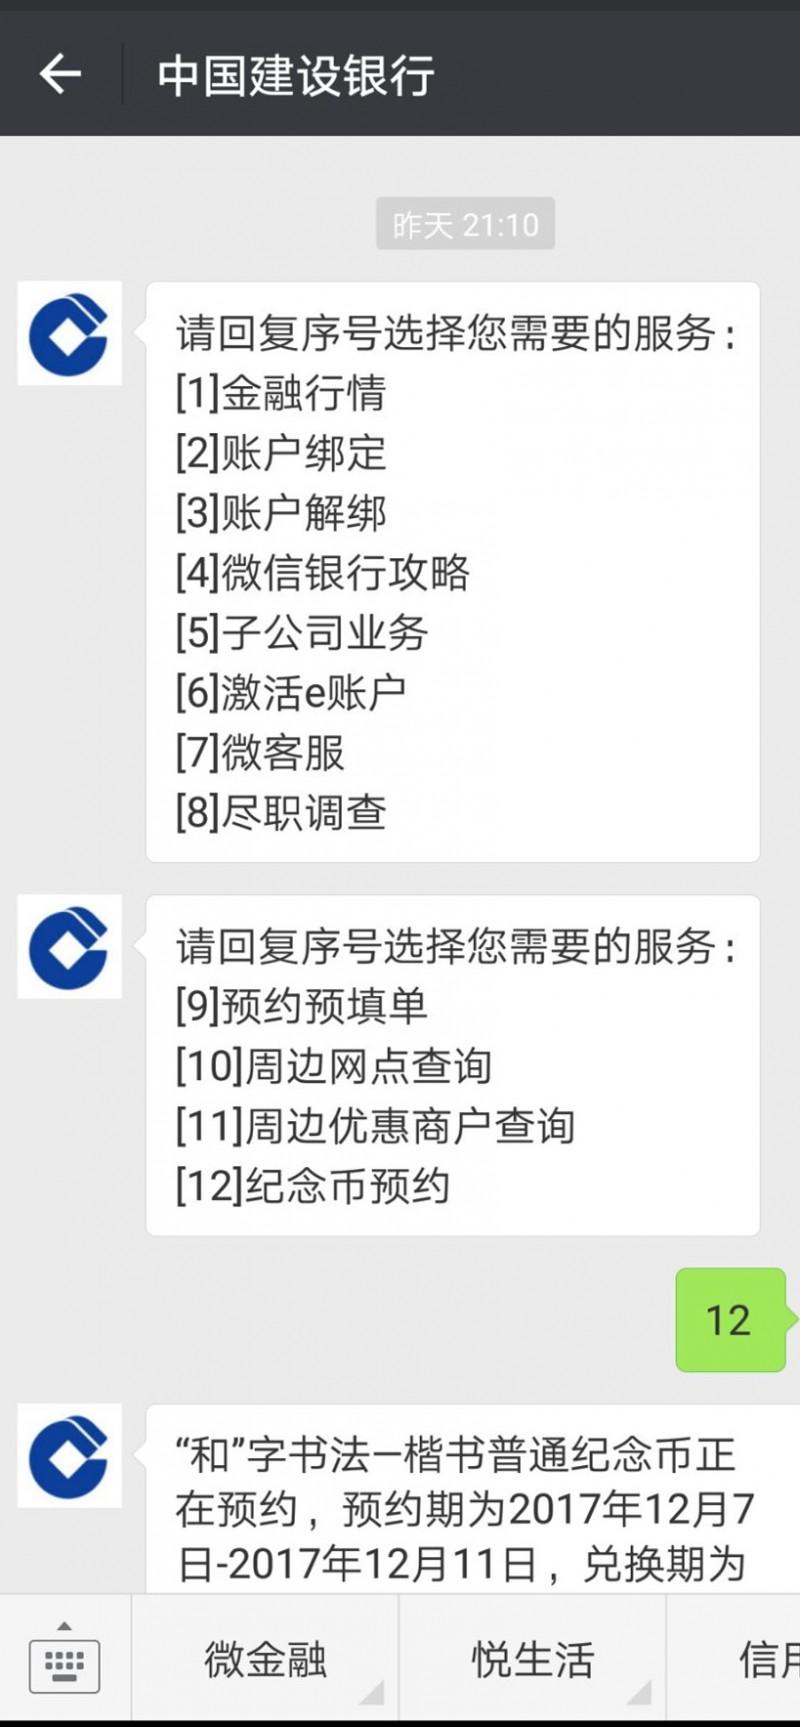 QQ图片20171207090822